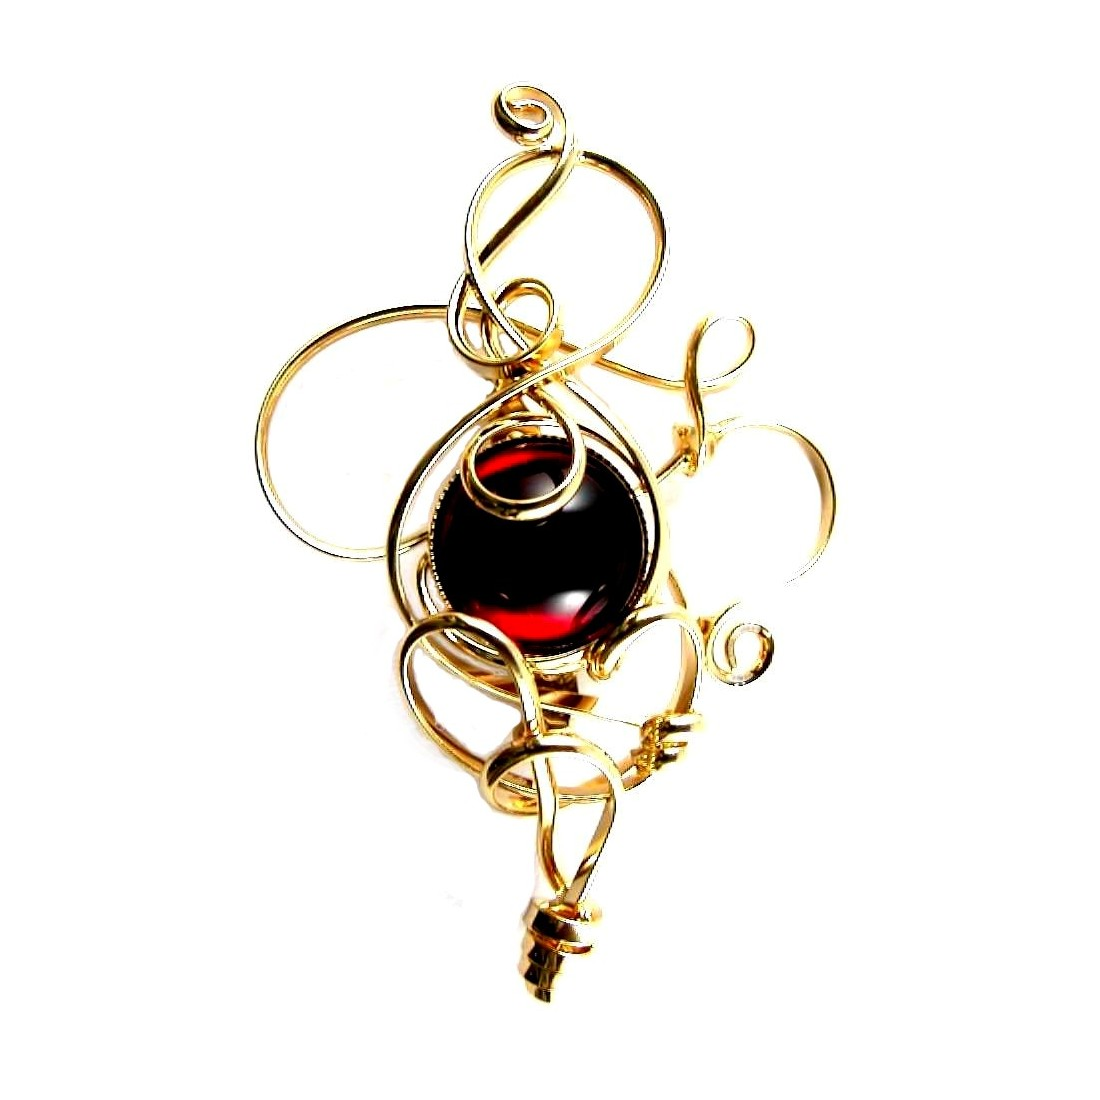 Broche artisanale dorée, sobre et élegante-or et rouge